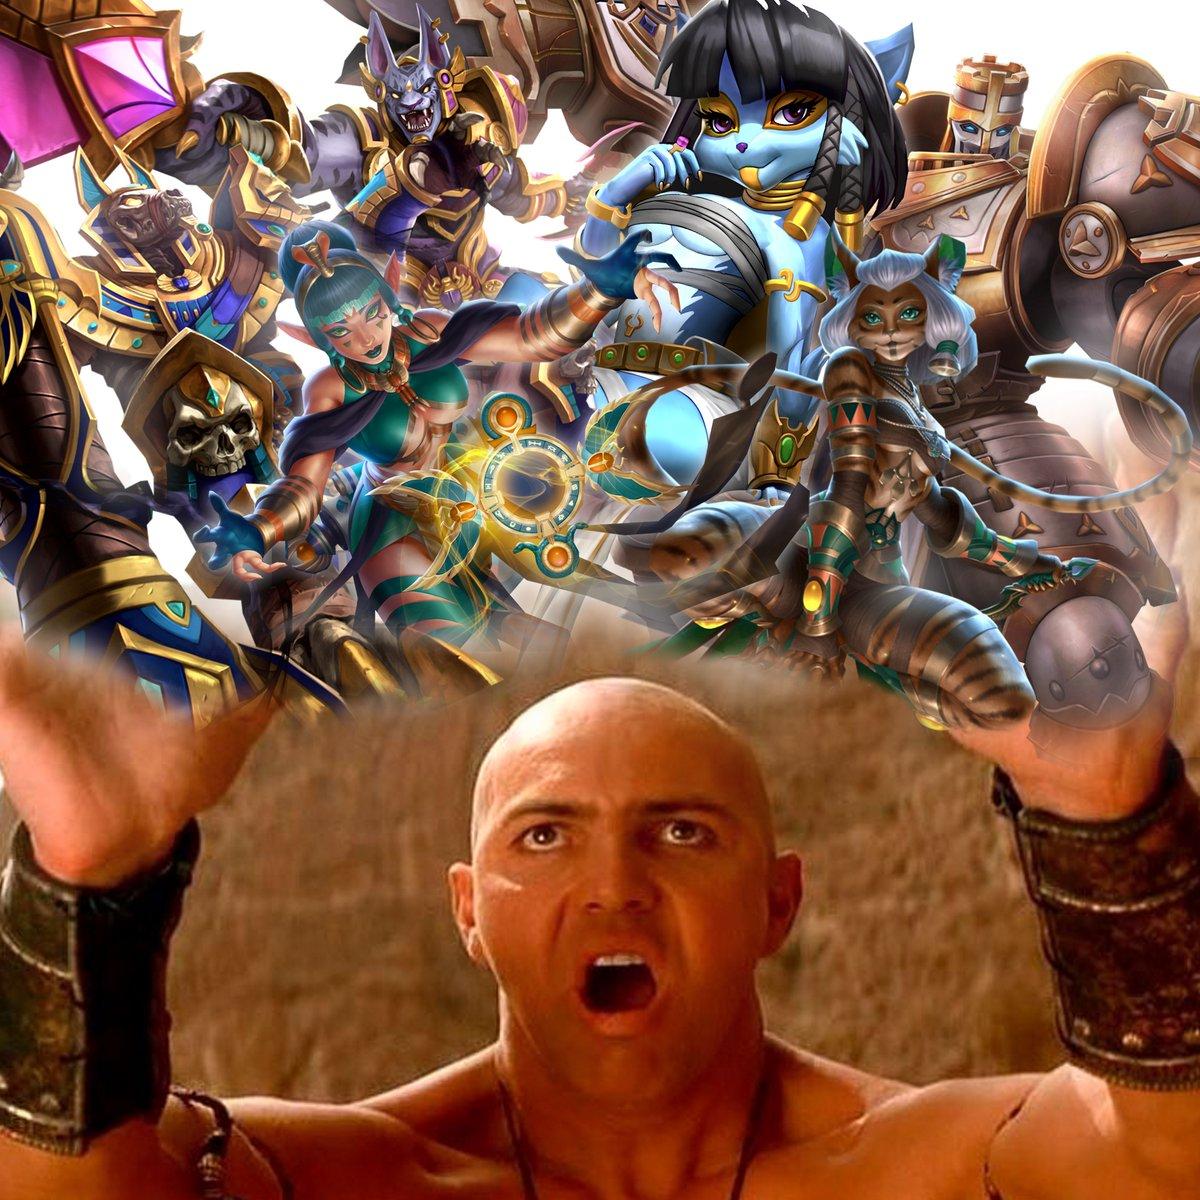 After super cool Community battlepass, Sands of Myth battlepass is comiinnnngg!  @PaladinsGame  #meme #me #me #m #e #m #e #meem  🖐️😩🤚